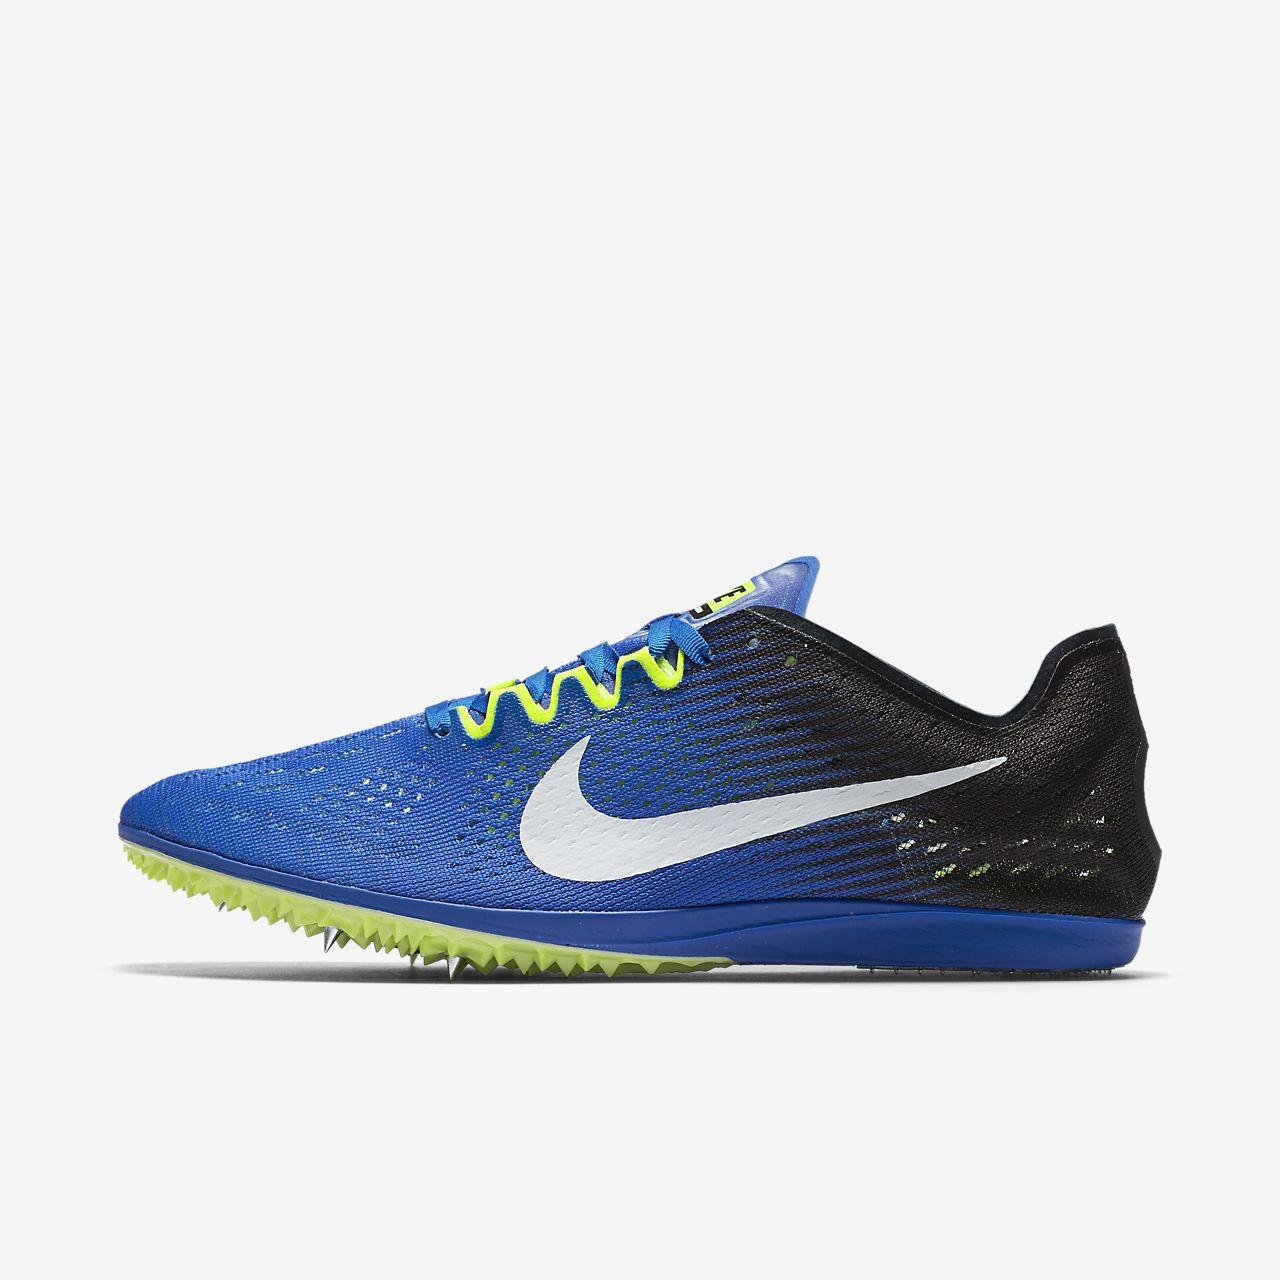 Scarpa chiodata per corse sulla distanza Nike Zoom Matumbo 3 - Unisex